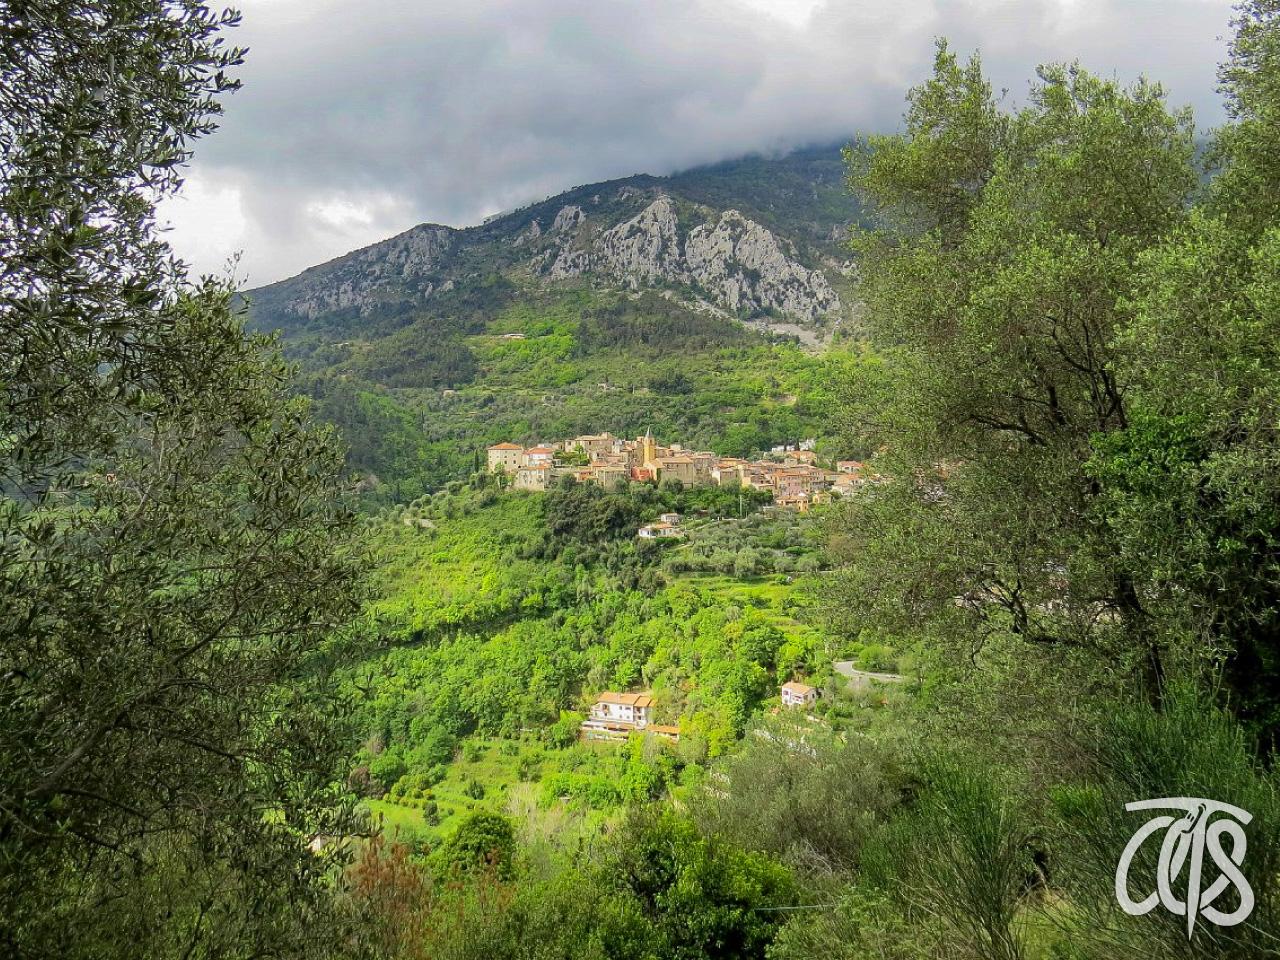 ゴルビオ村